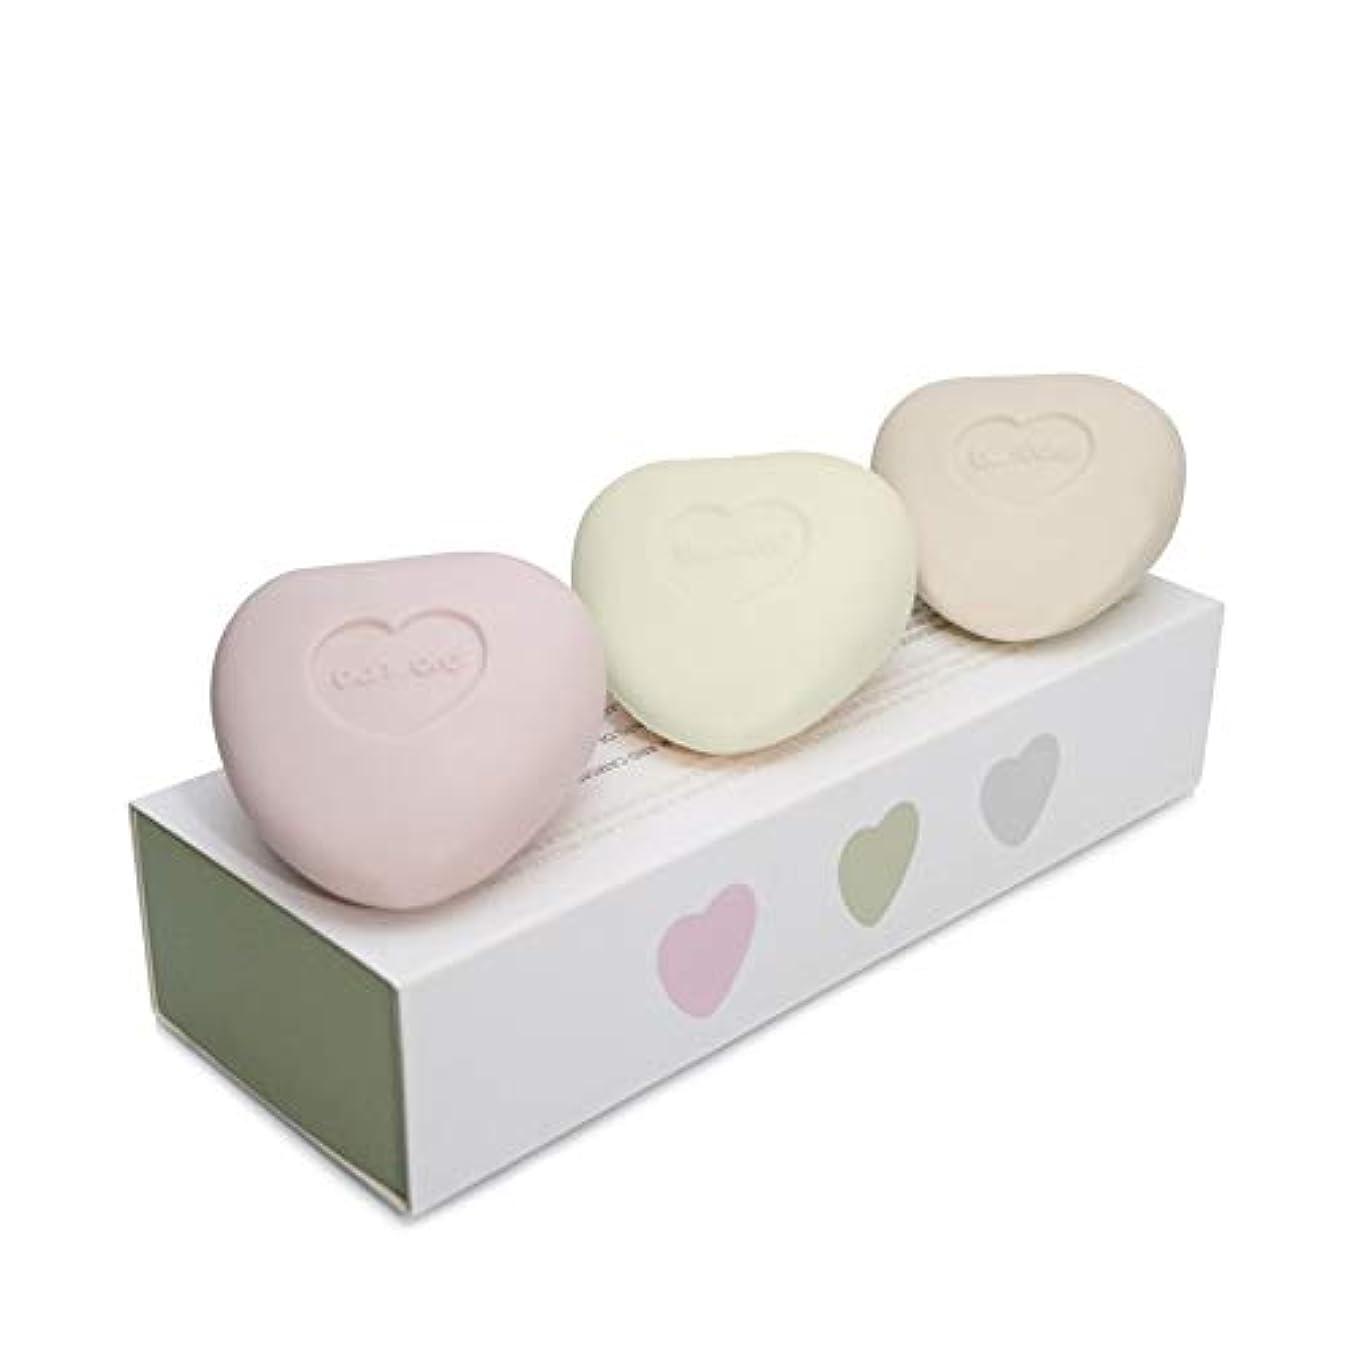 許される手を差し伸べるきらめく[Bamford ] バンフォードミニ小石の心ソープセット - Bamford Mini Pebble Heart Soap Set [並行輸入品]